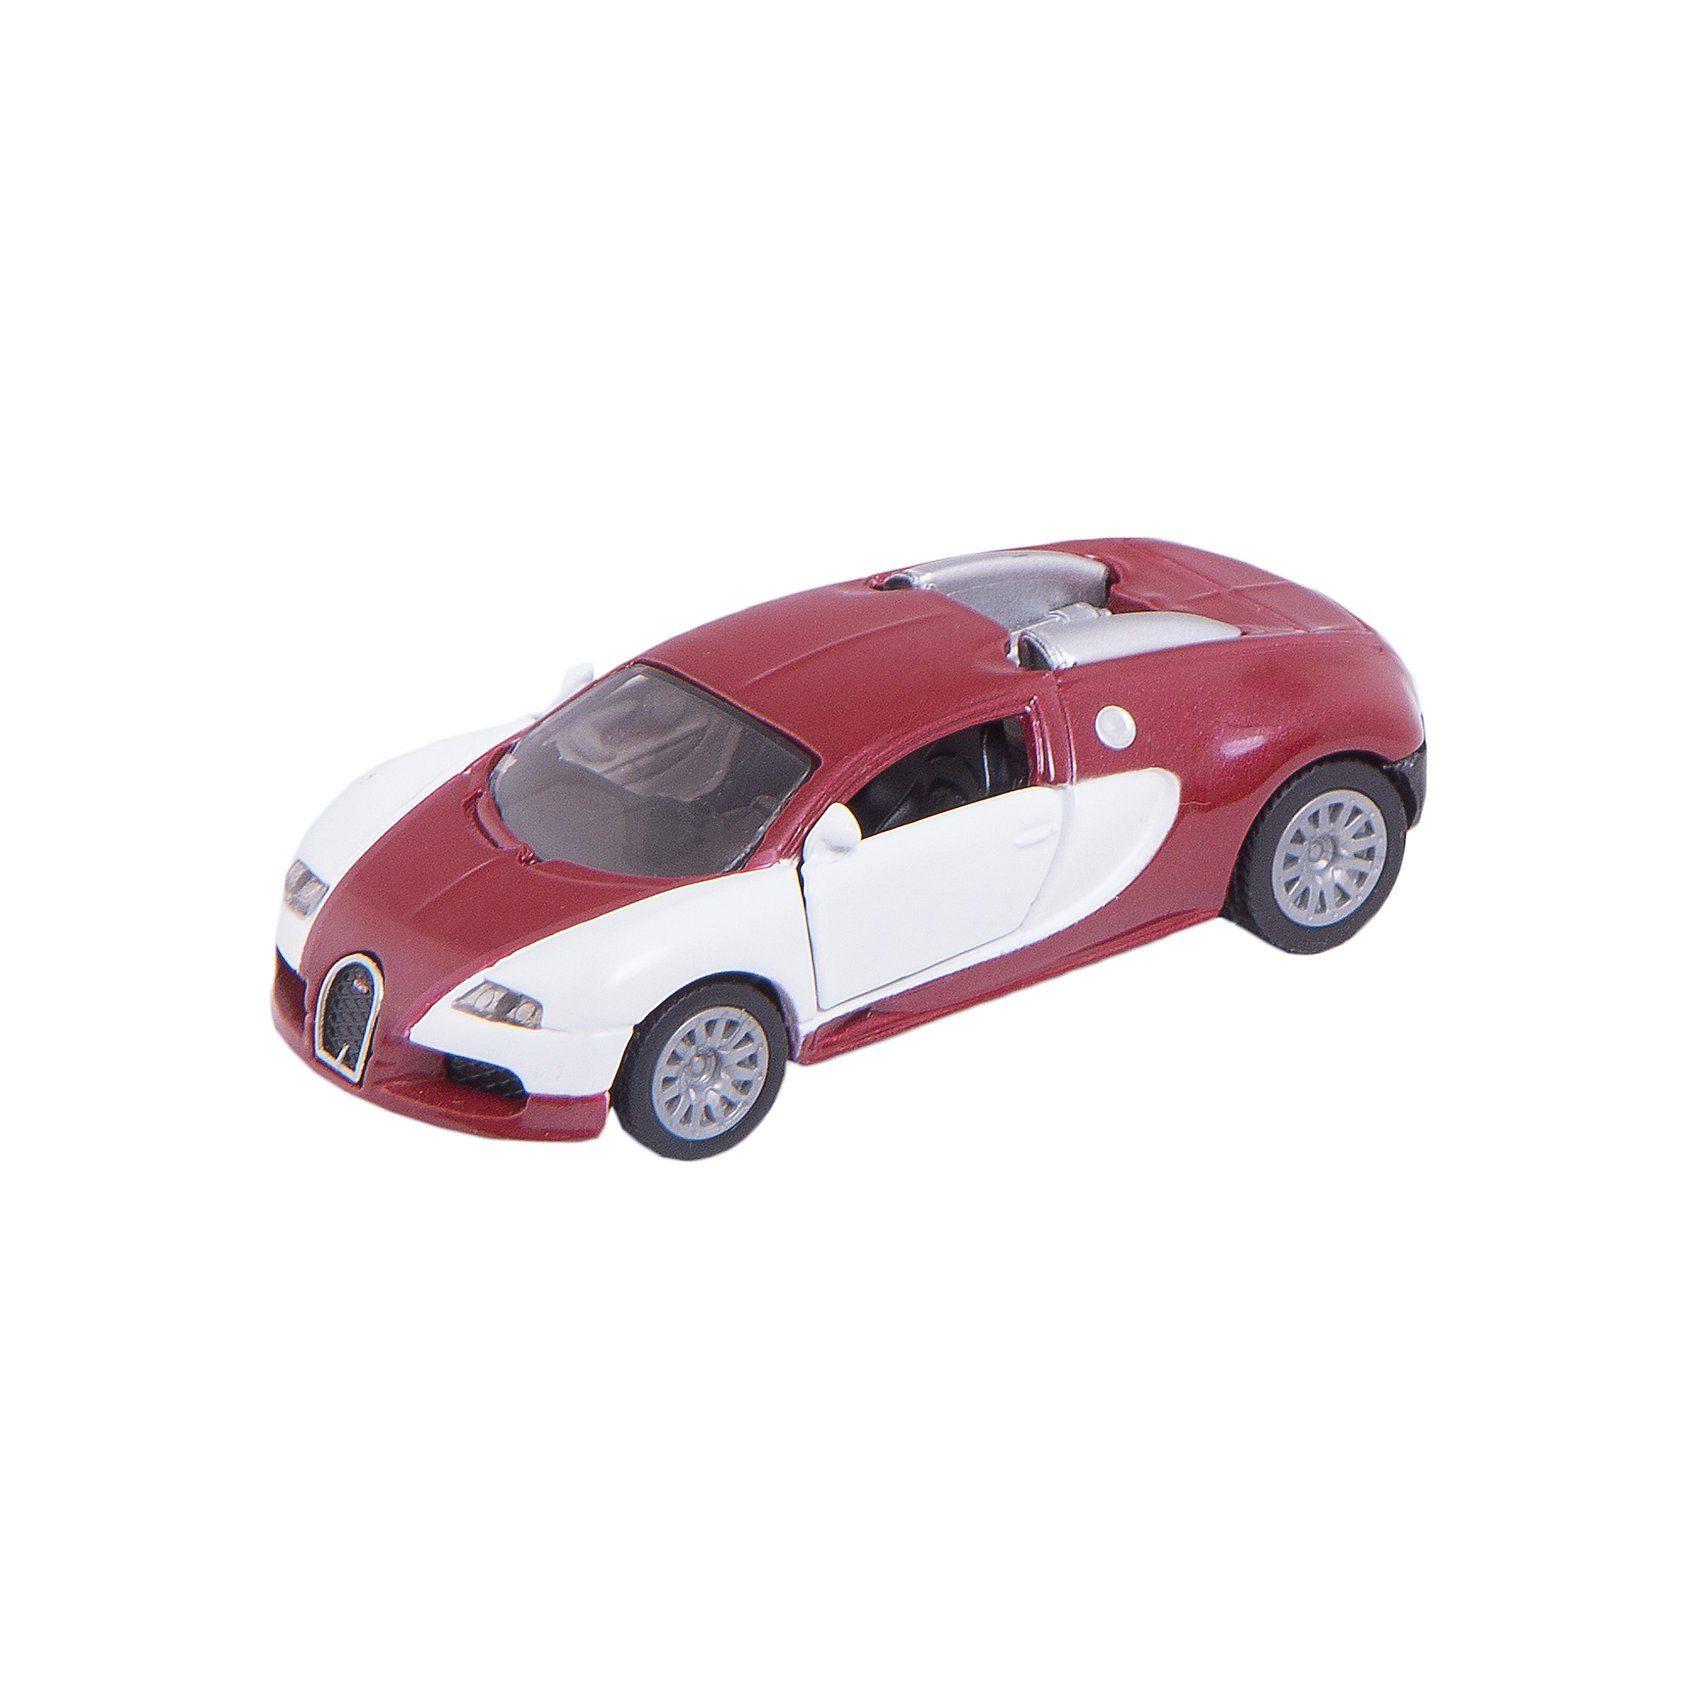 SIKU 1305 Bugatti EB 16.4 Veyron